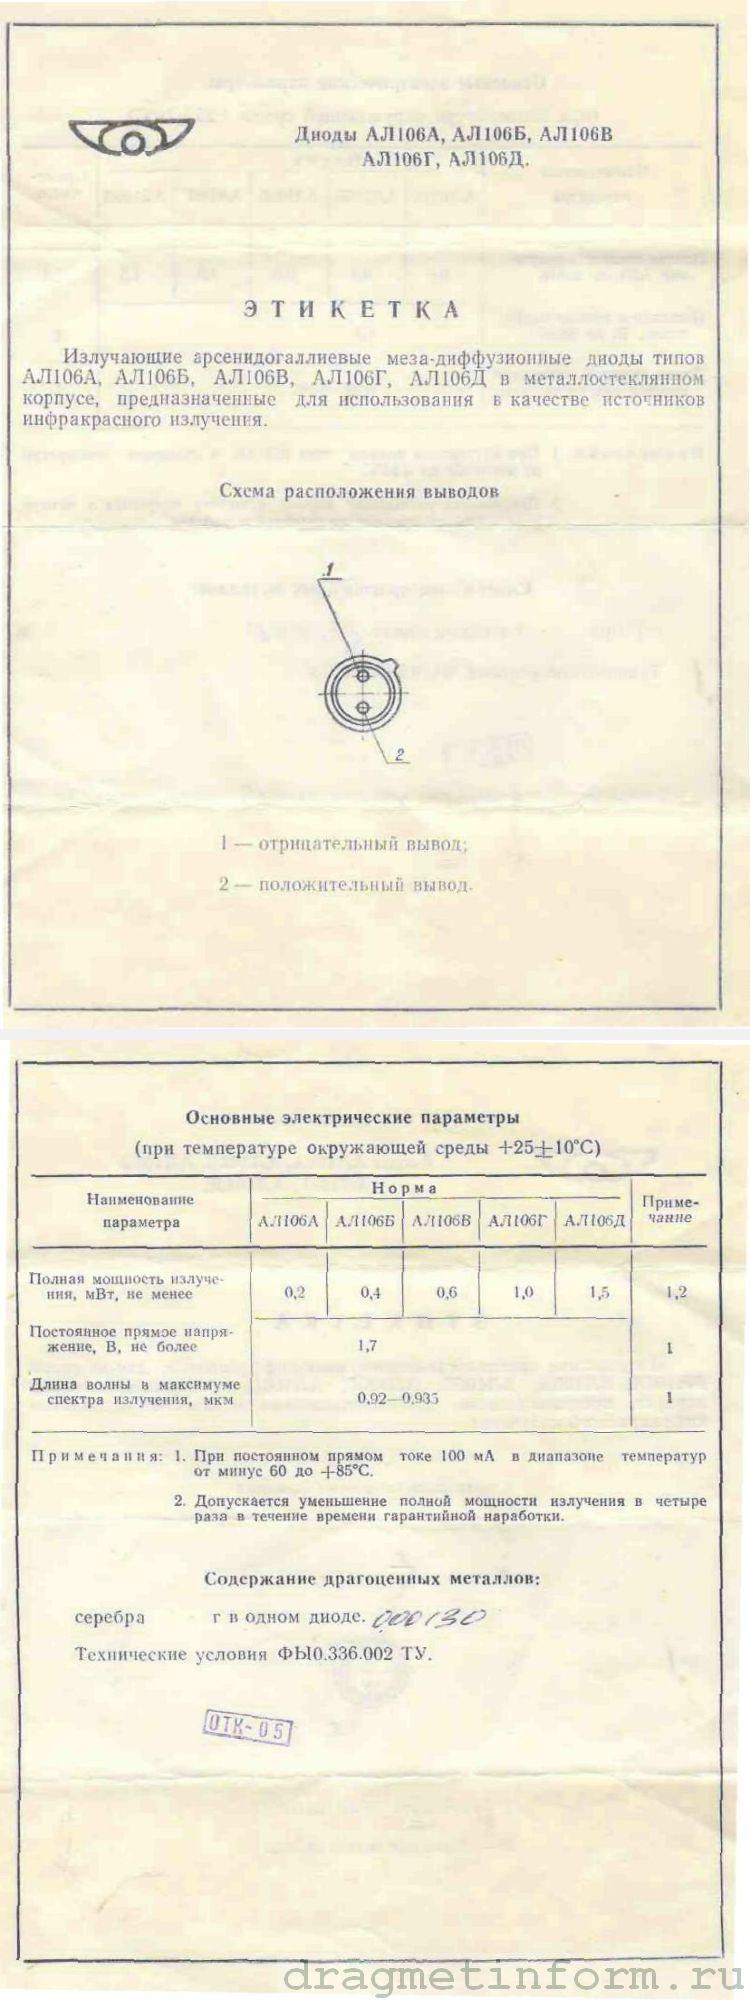 Формуляр АЛ106А-В